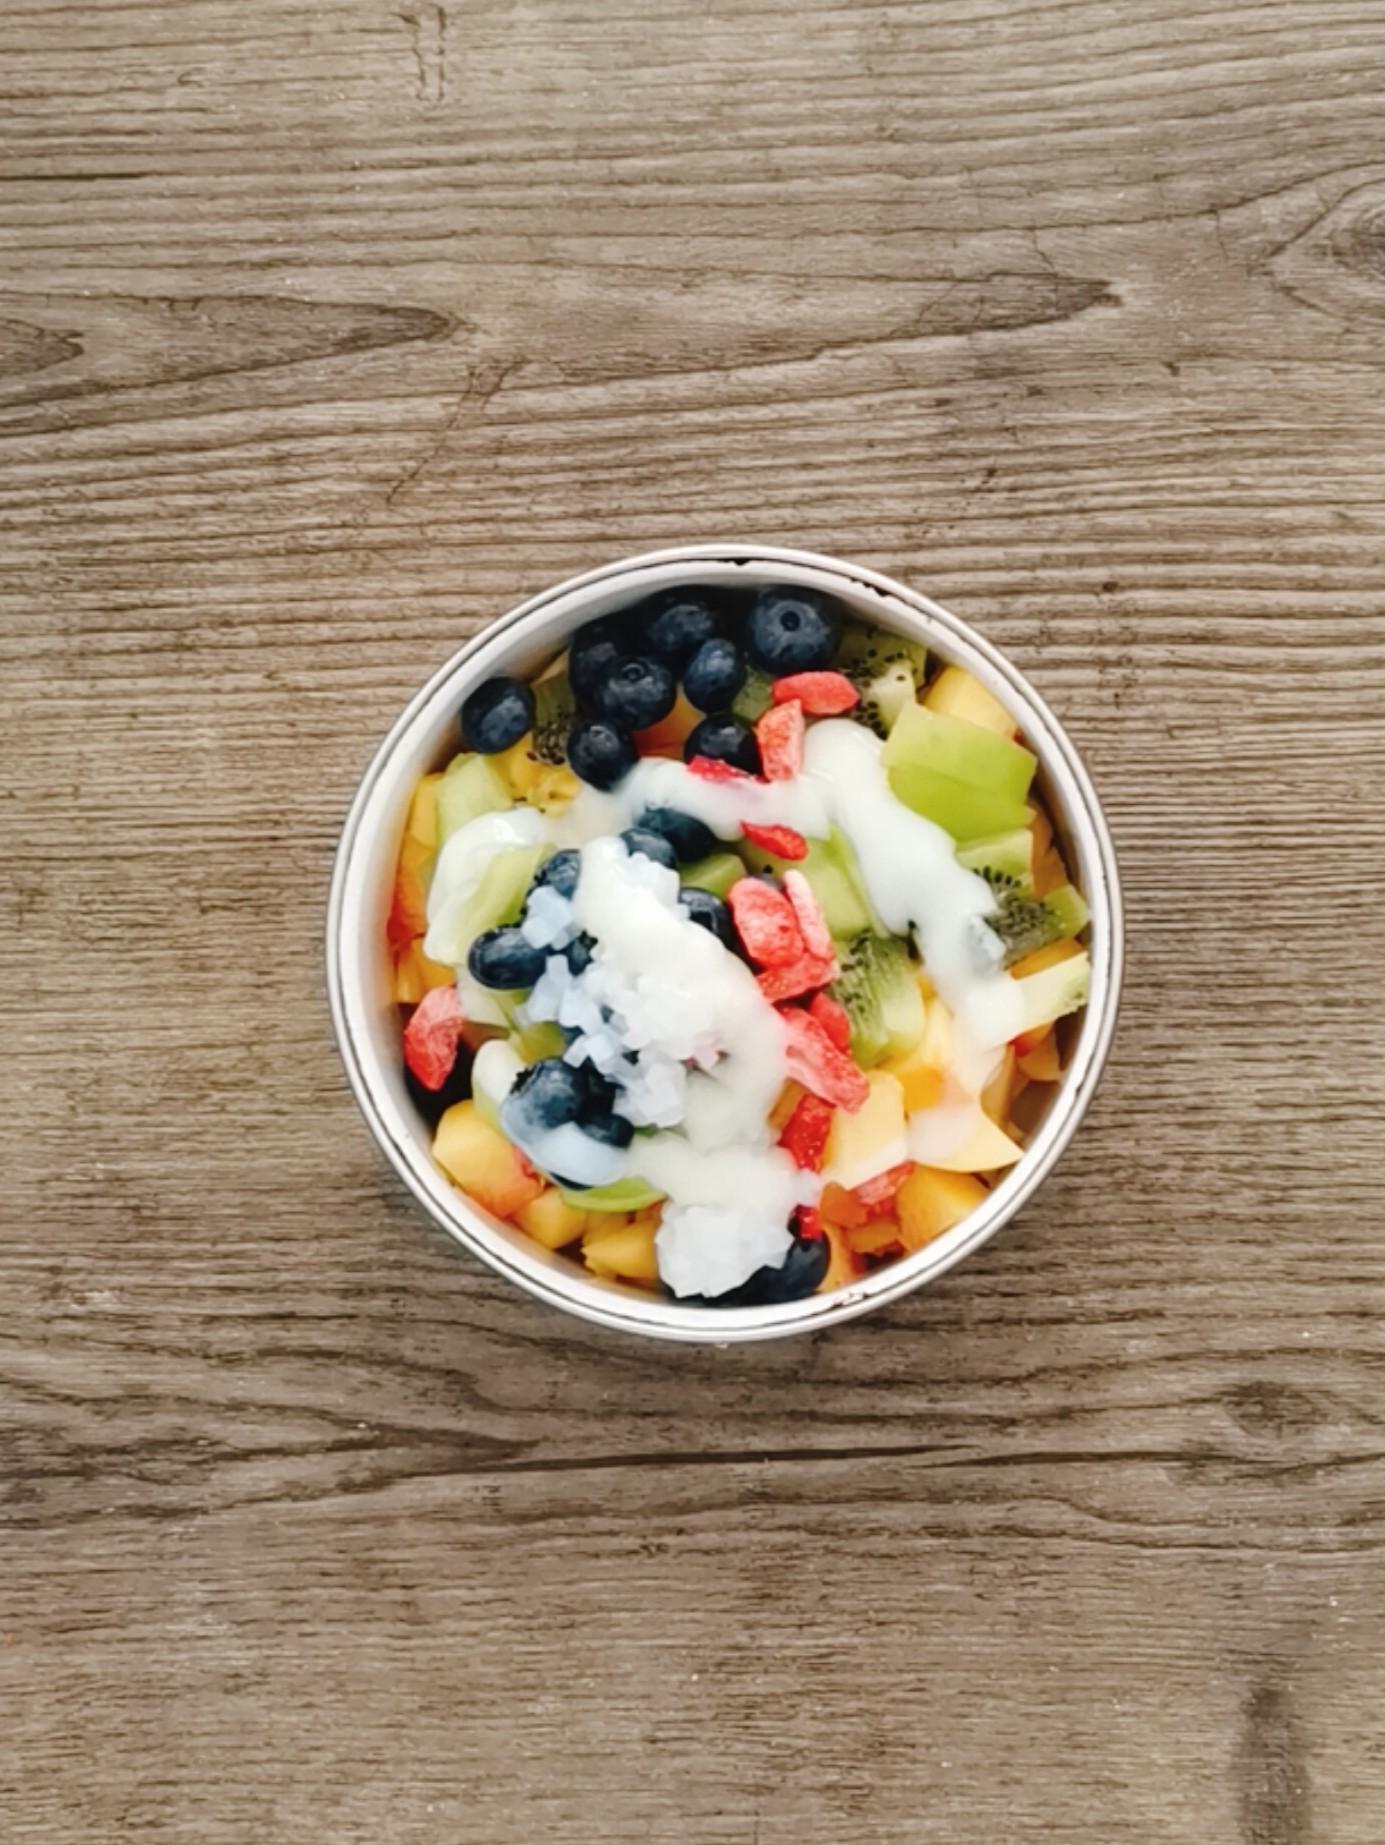 榴莲酸奶水果捞怎么煮